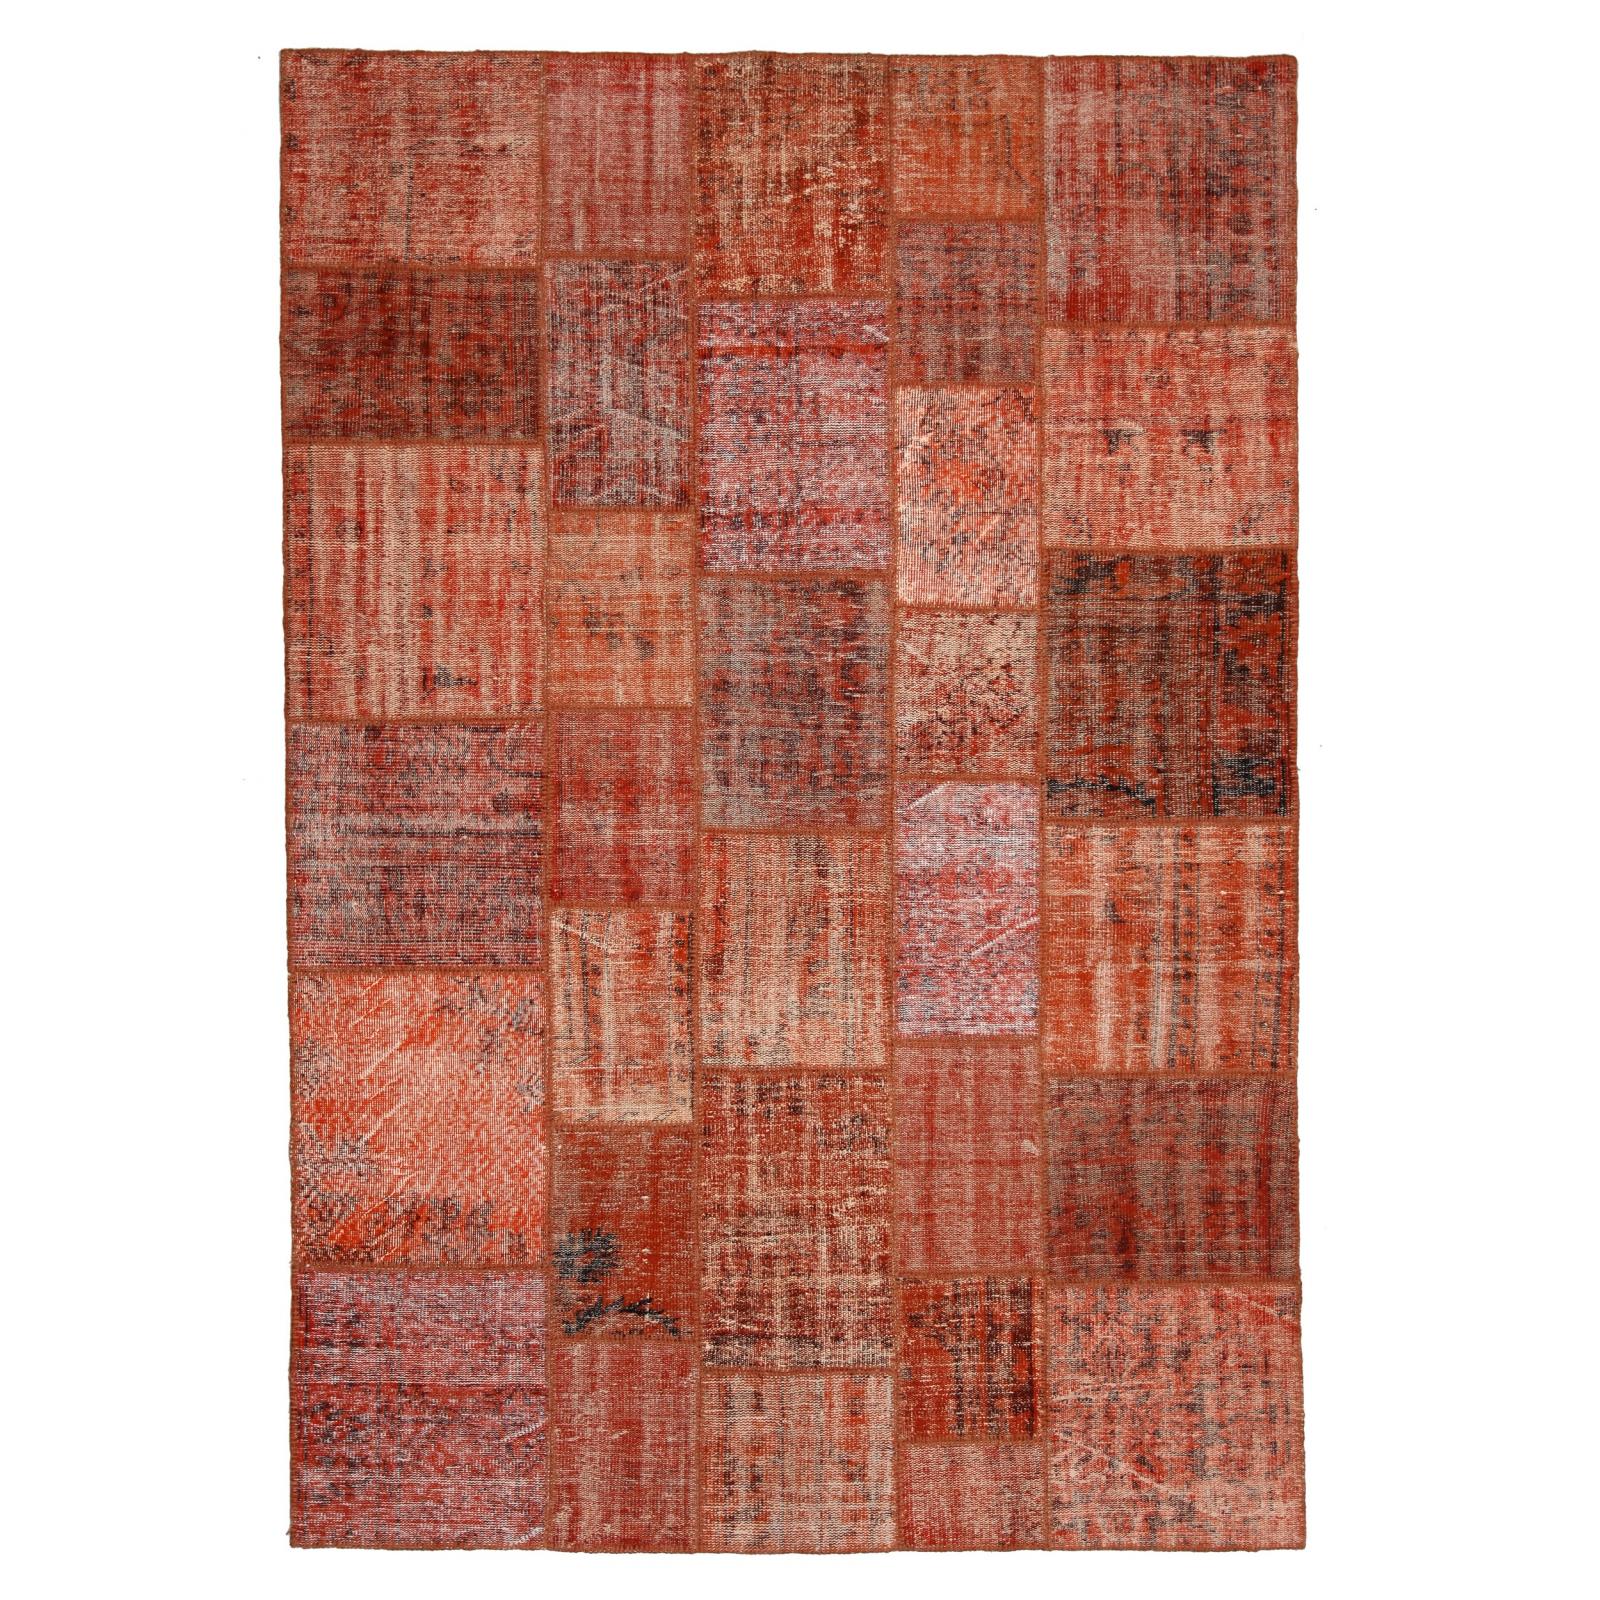 Orange vintage patchwork flicken teppich (206x304cm)